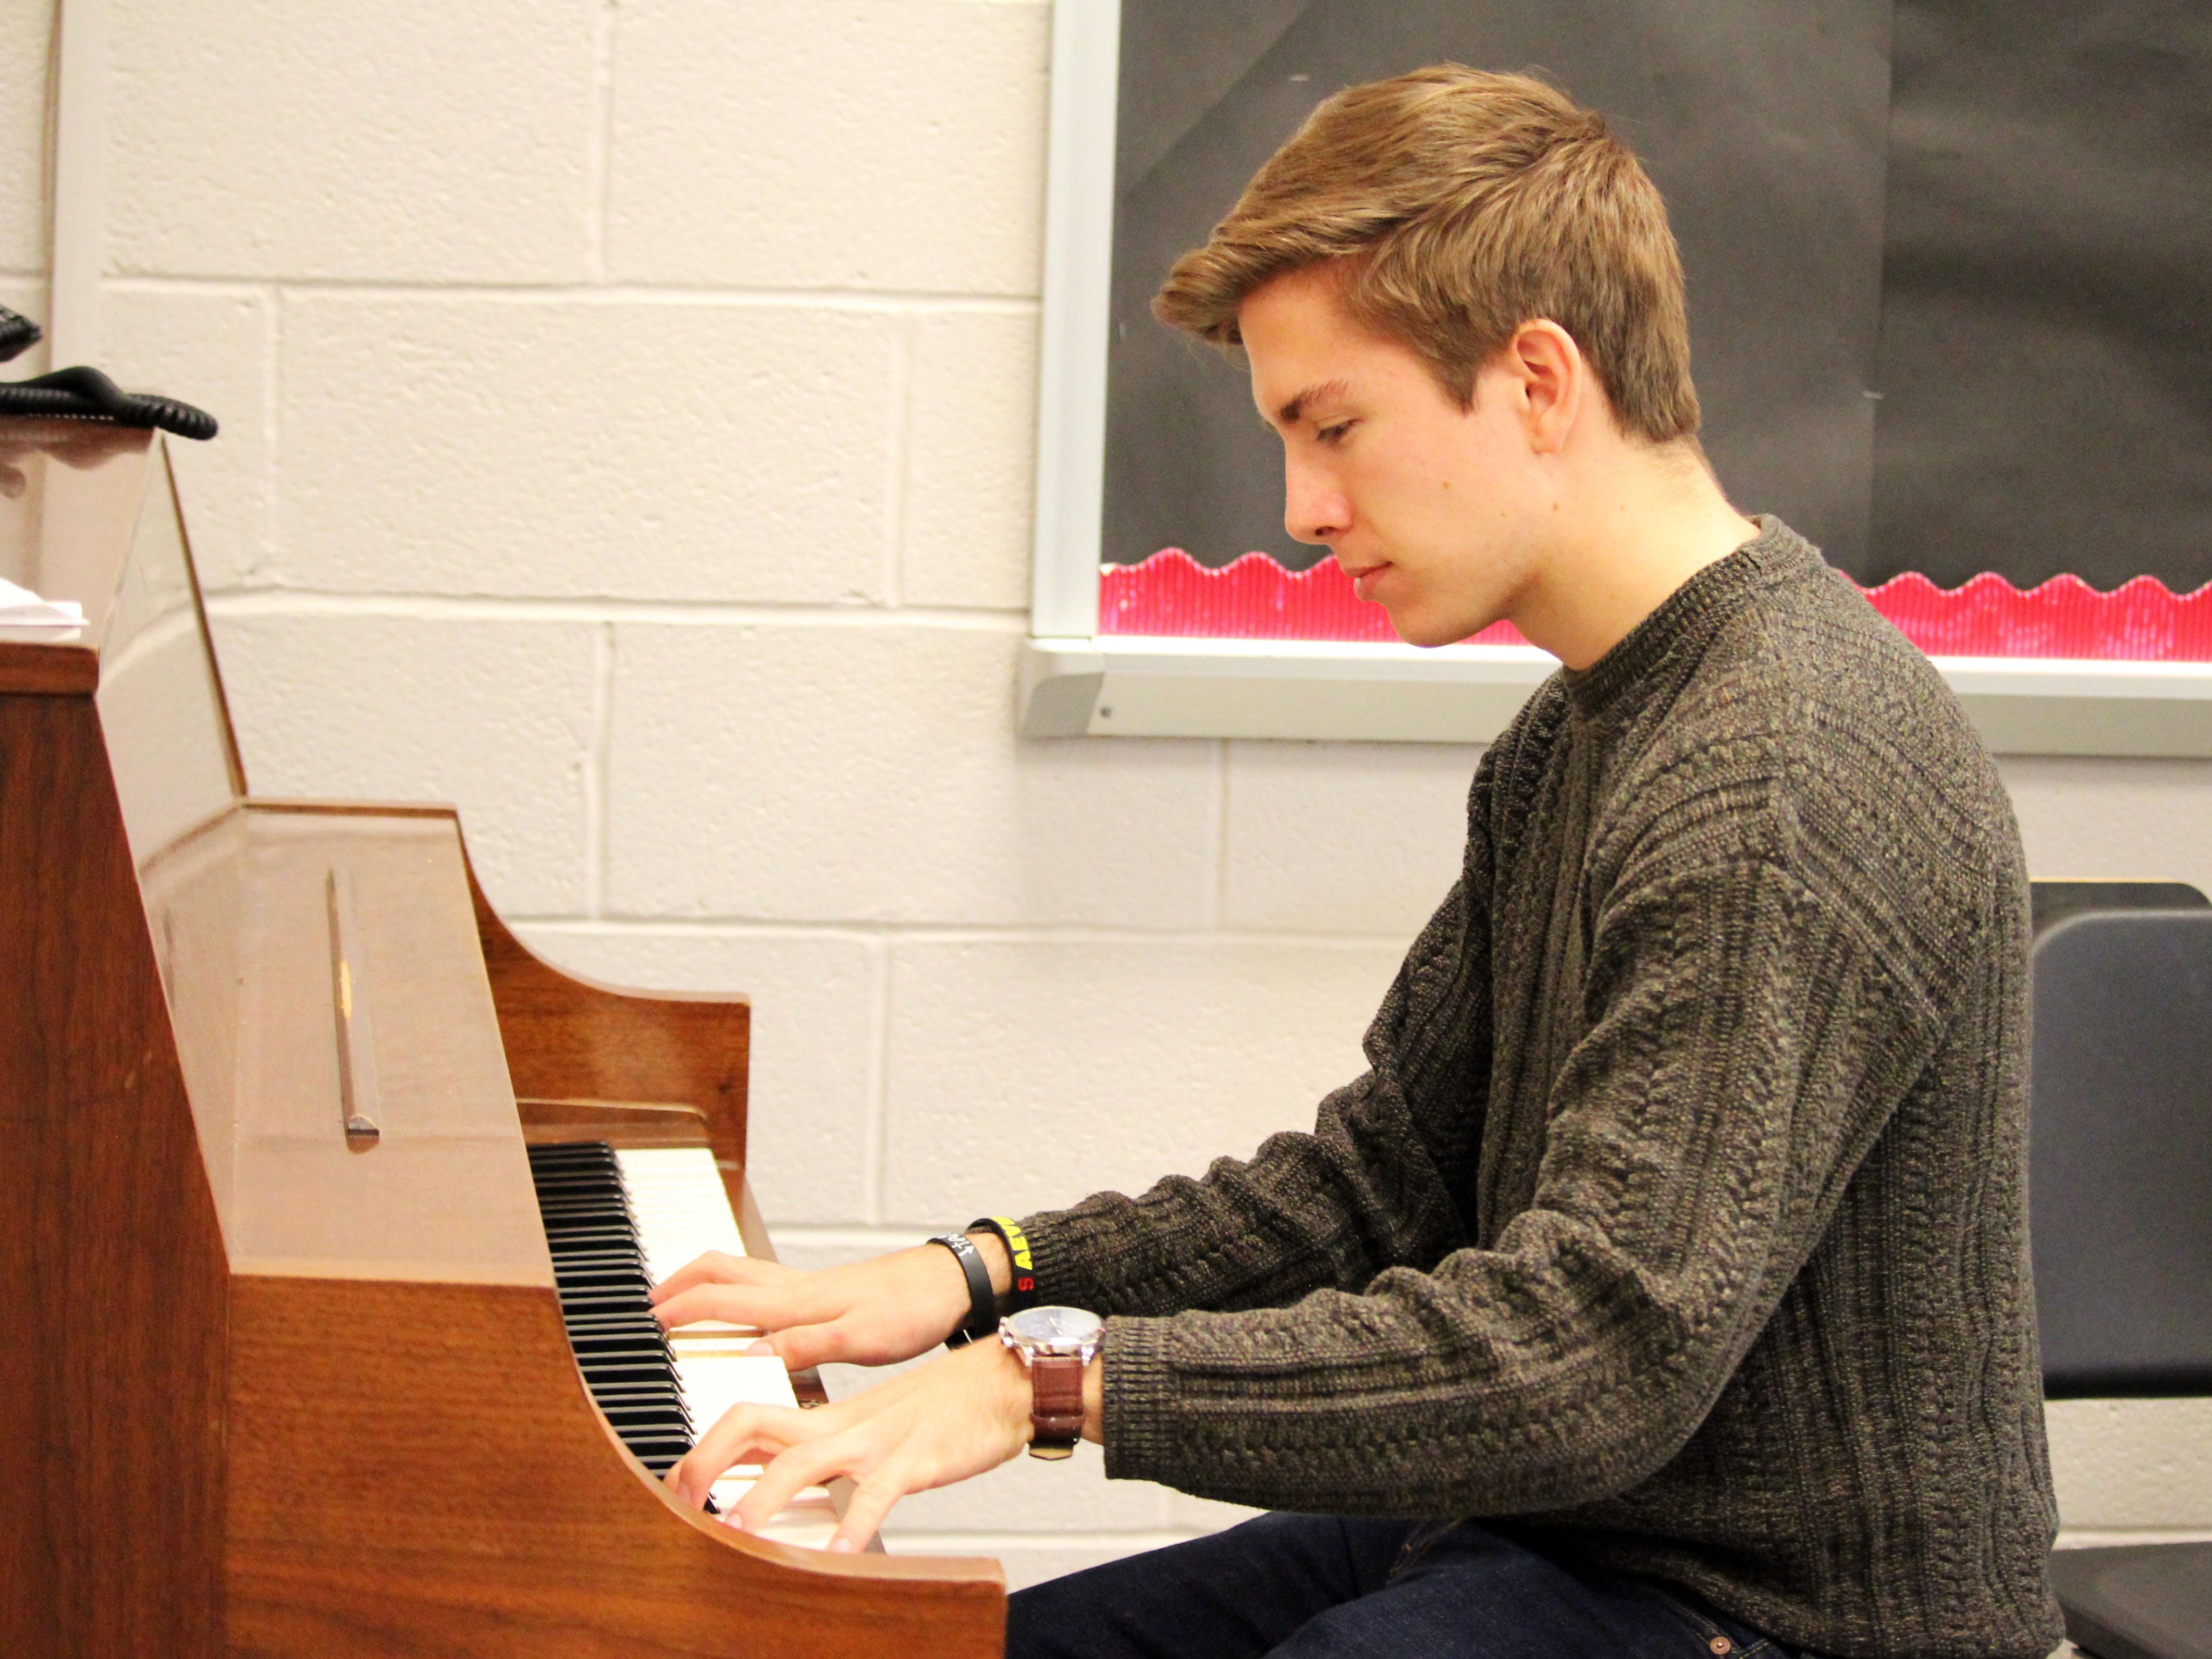 Susquehannock High School student Lucas Sherman playing the piano.